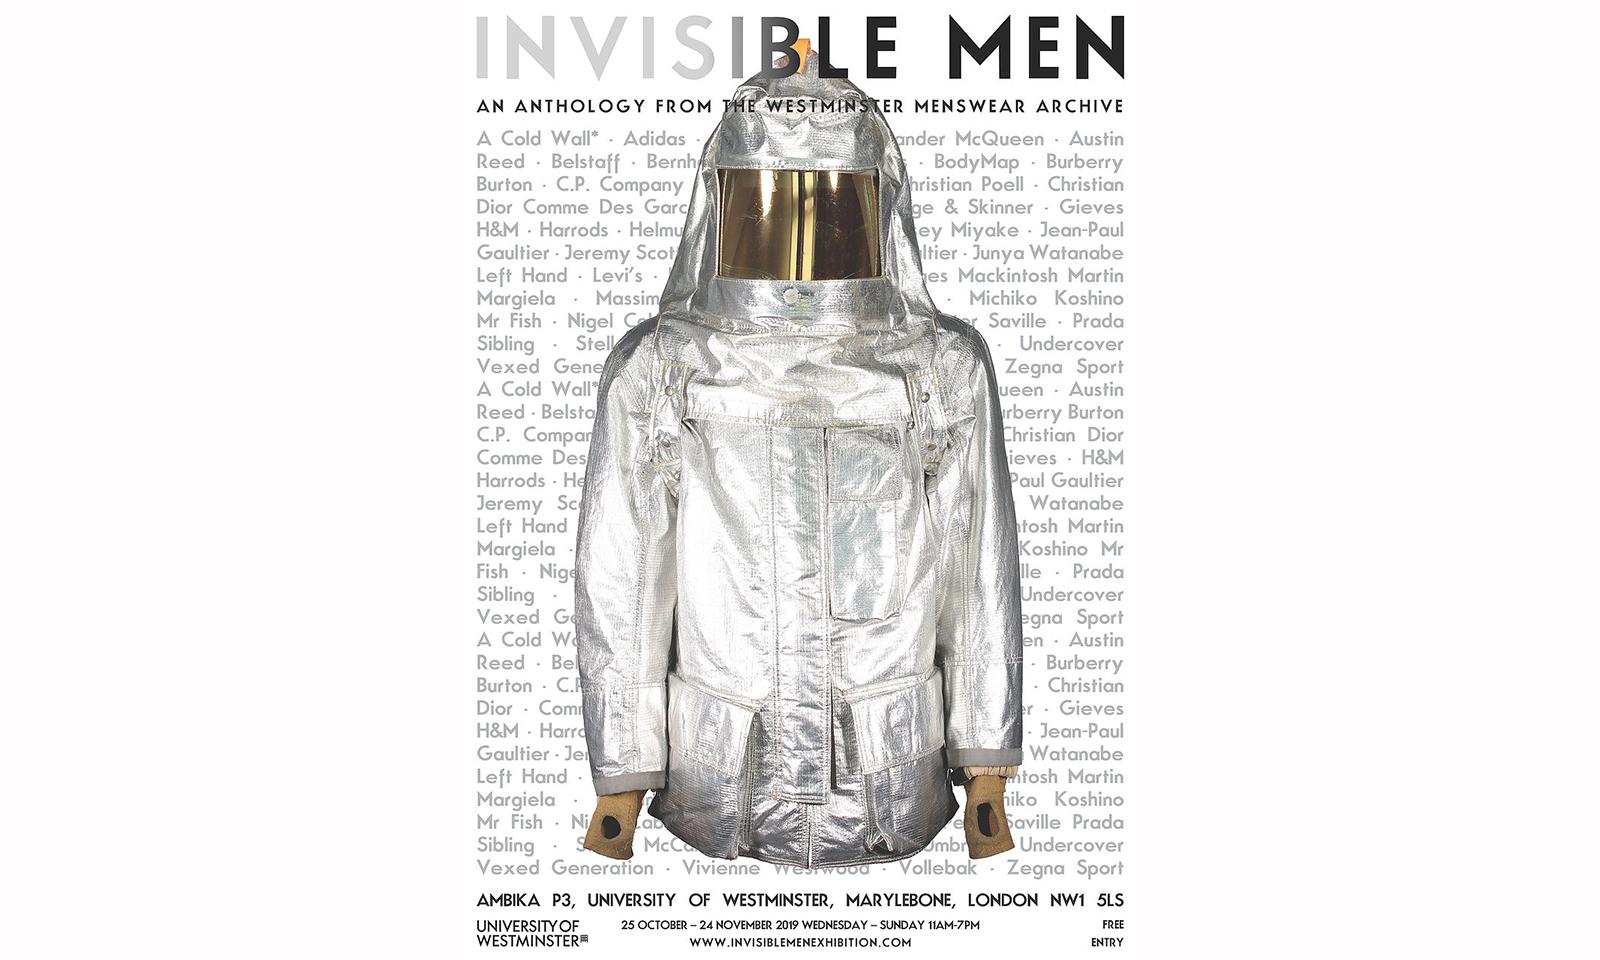 研究男装设计语言,展览《Invisible Men》即将于伦敦展开